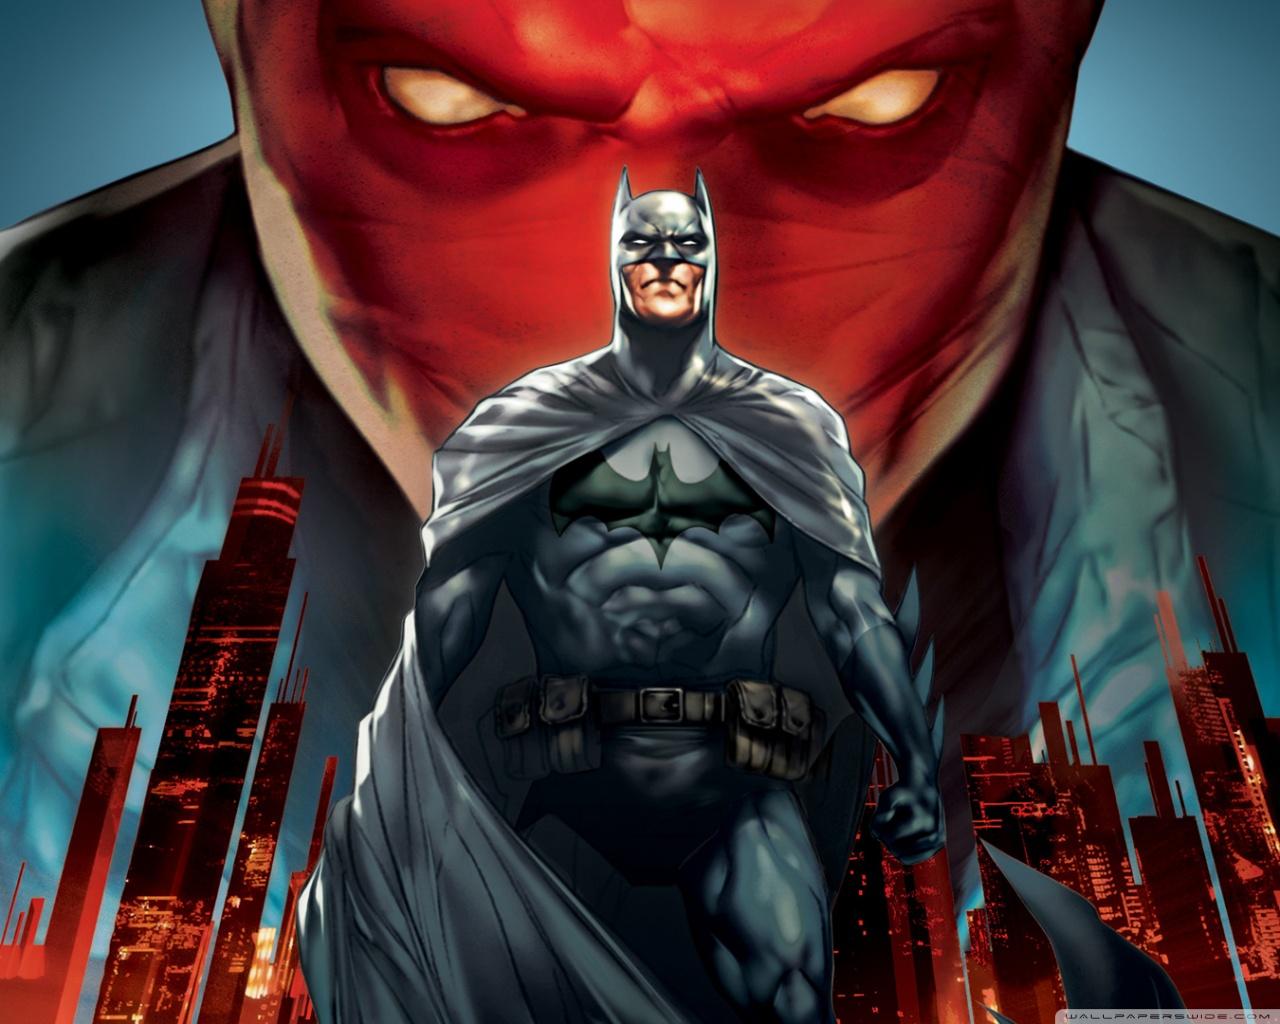 Good Wallpaper Halloween Batman - batman_under_the_red_hood-wallpaper-1280x1024  Collection_46914.jpg